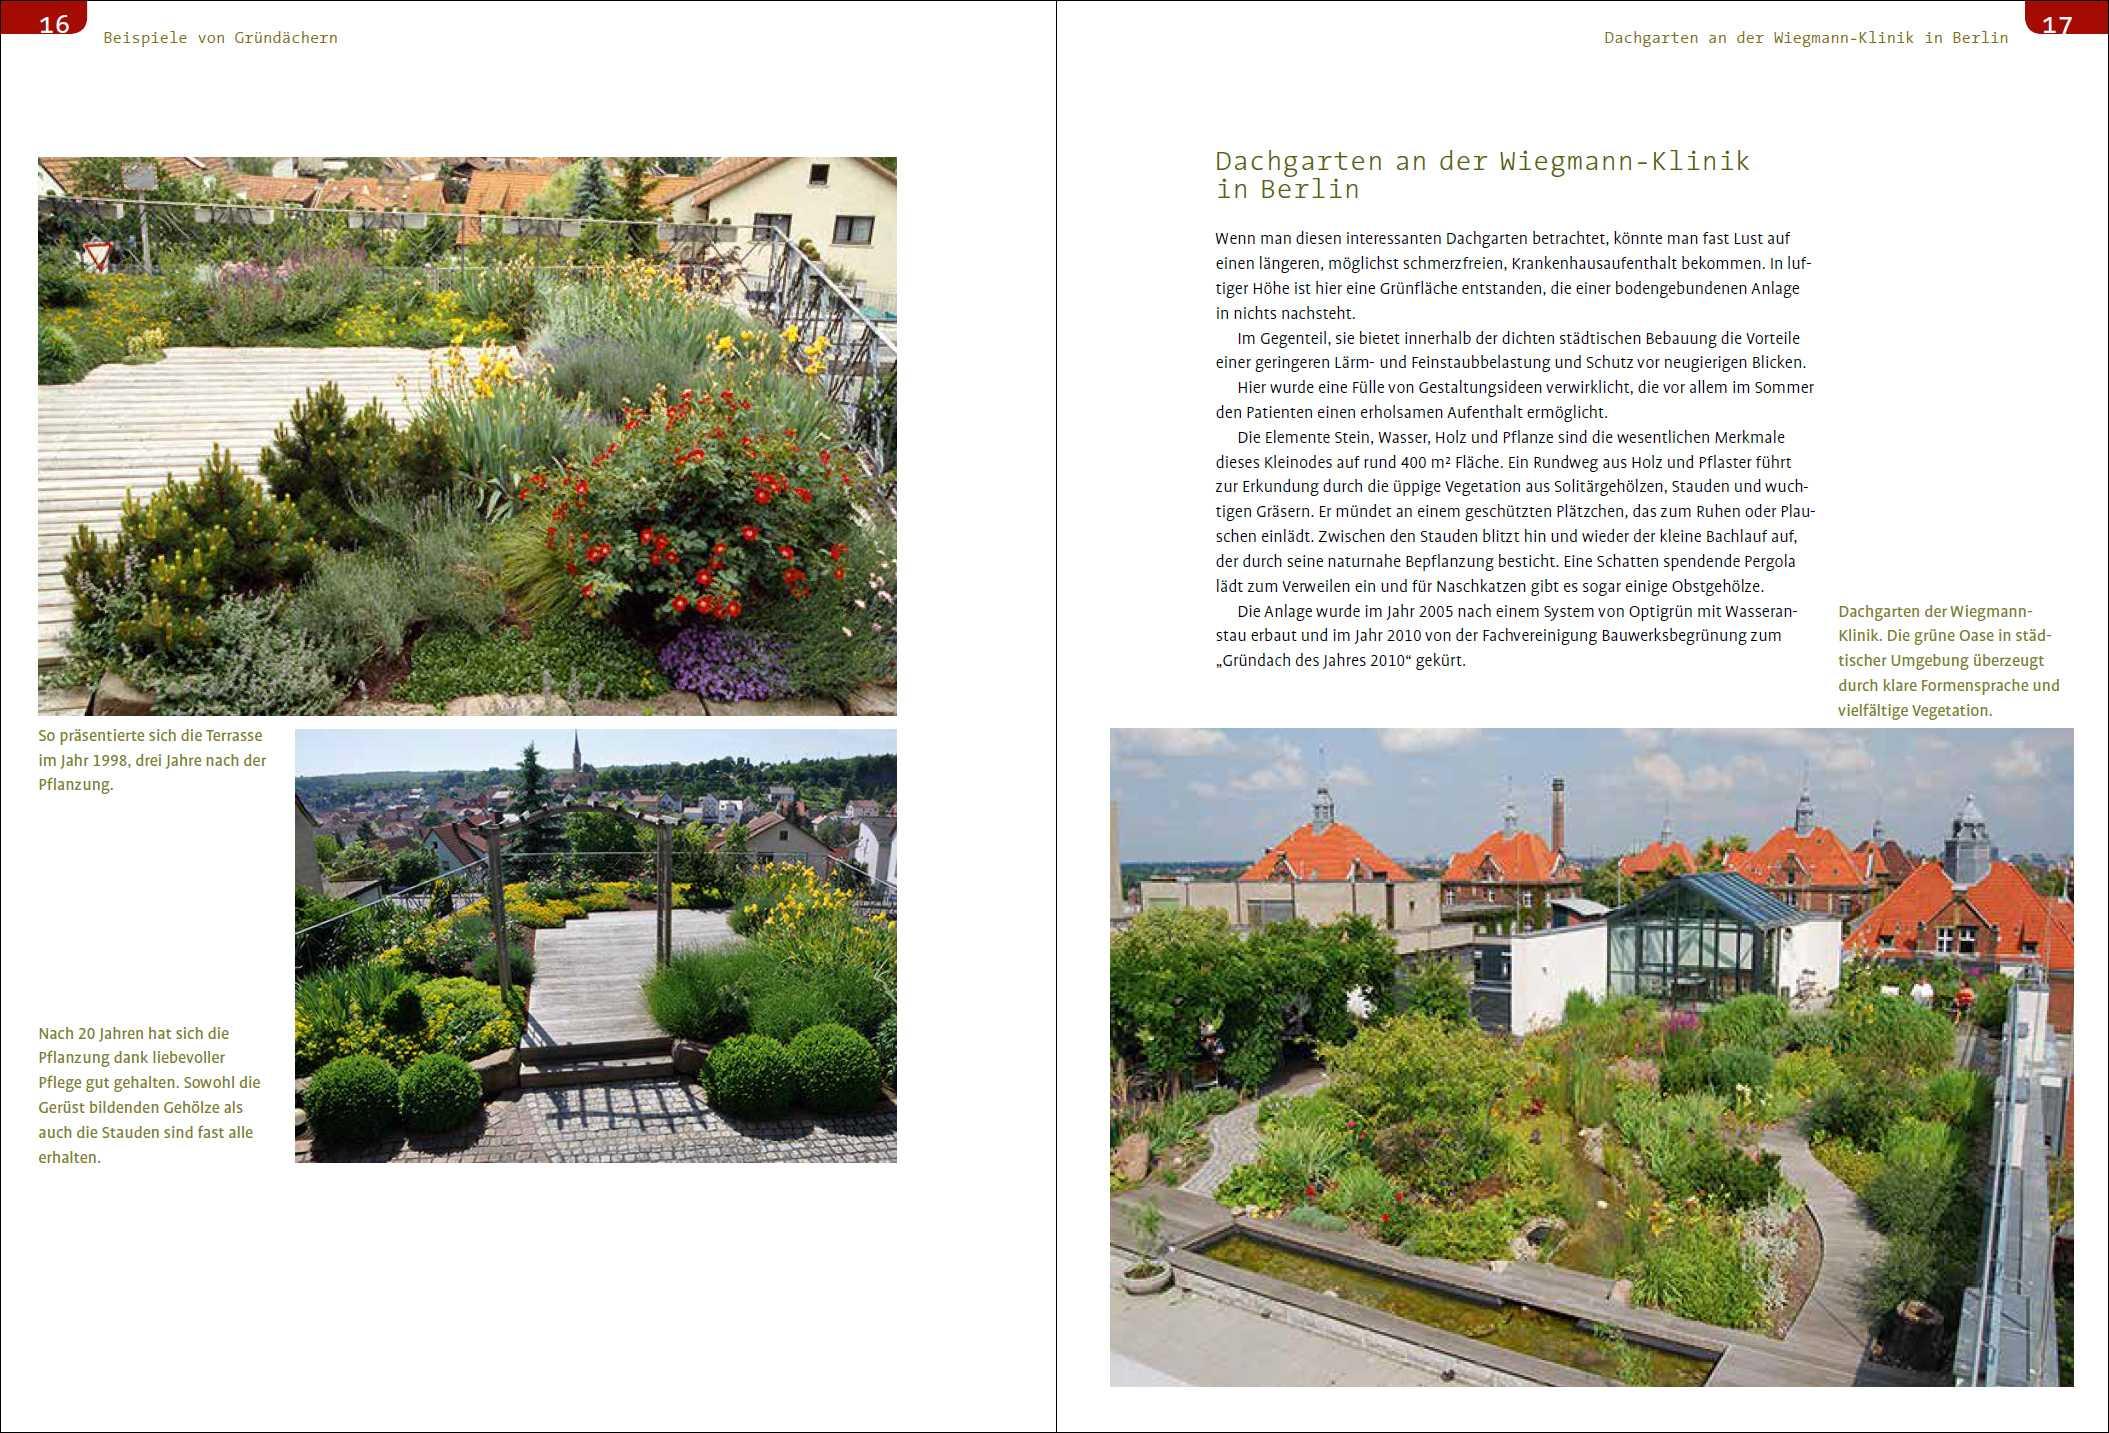 Wiegmann Klinik dachbegrünung. | medienservice architektur und bauwesen